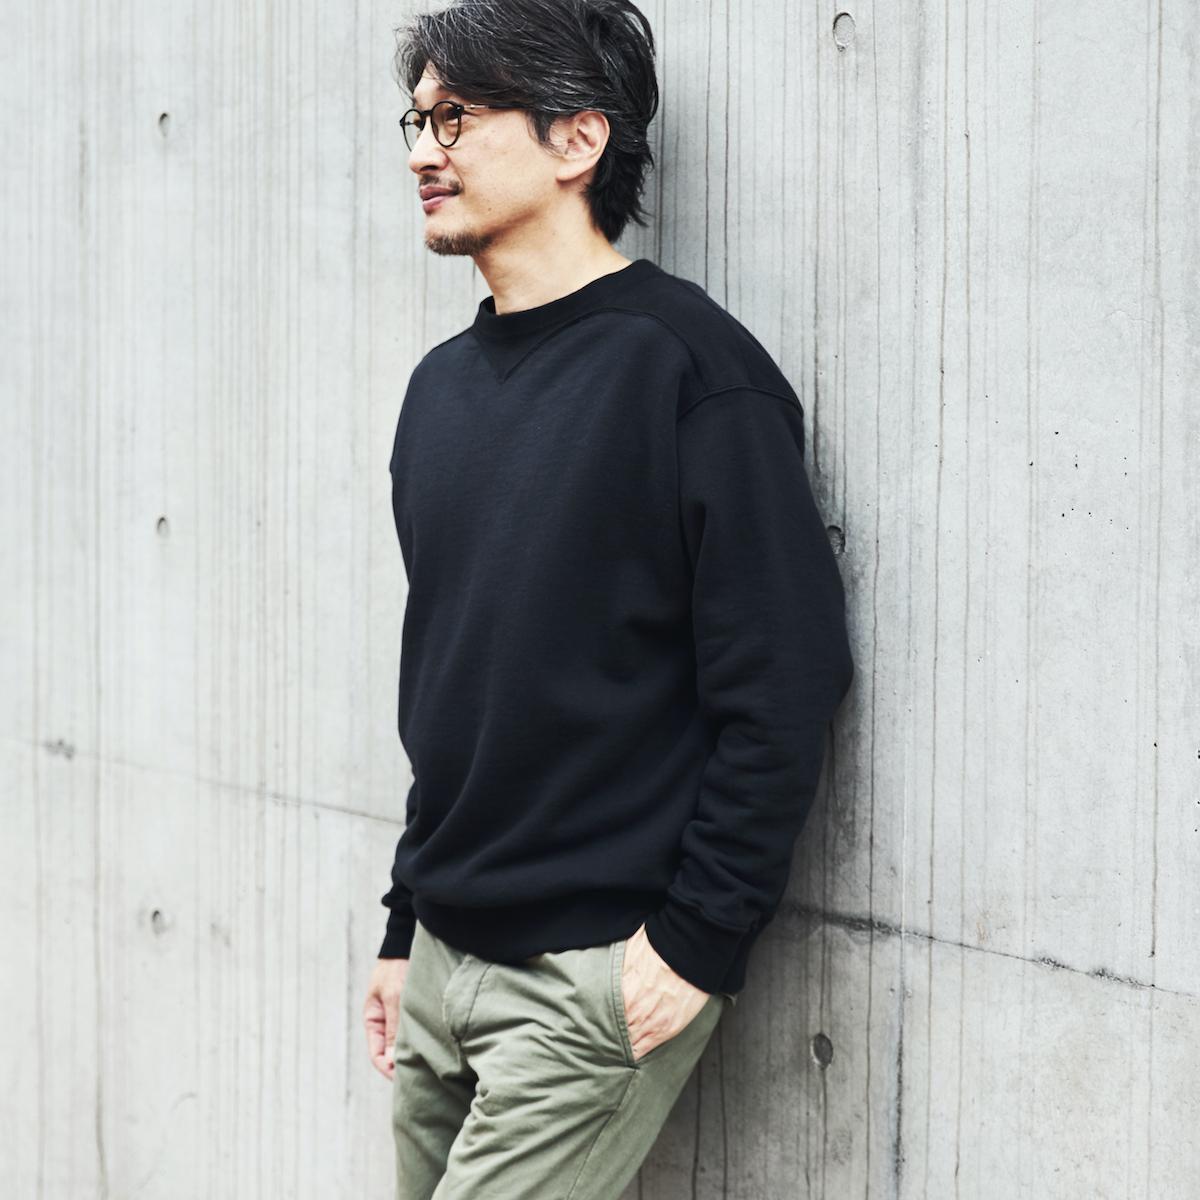 幻の黒を、いまの染色技術で復活。スポルディング社の名作から、現存していない「ブラック」をMade in Japanで「フットボールシャツ」|A.G. Spalding & Bros